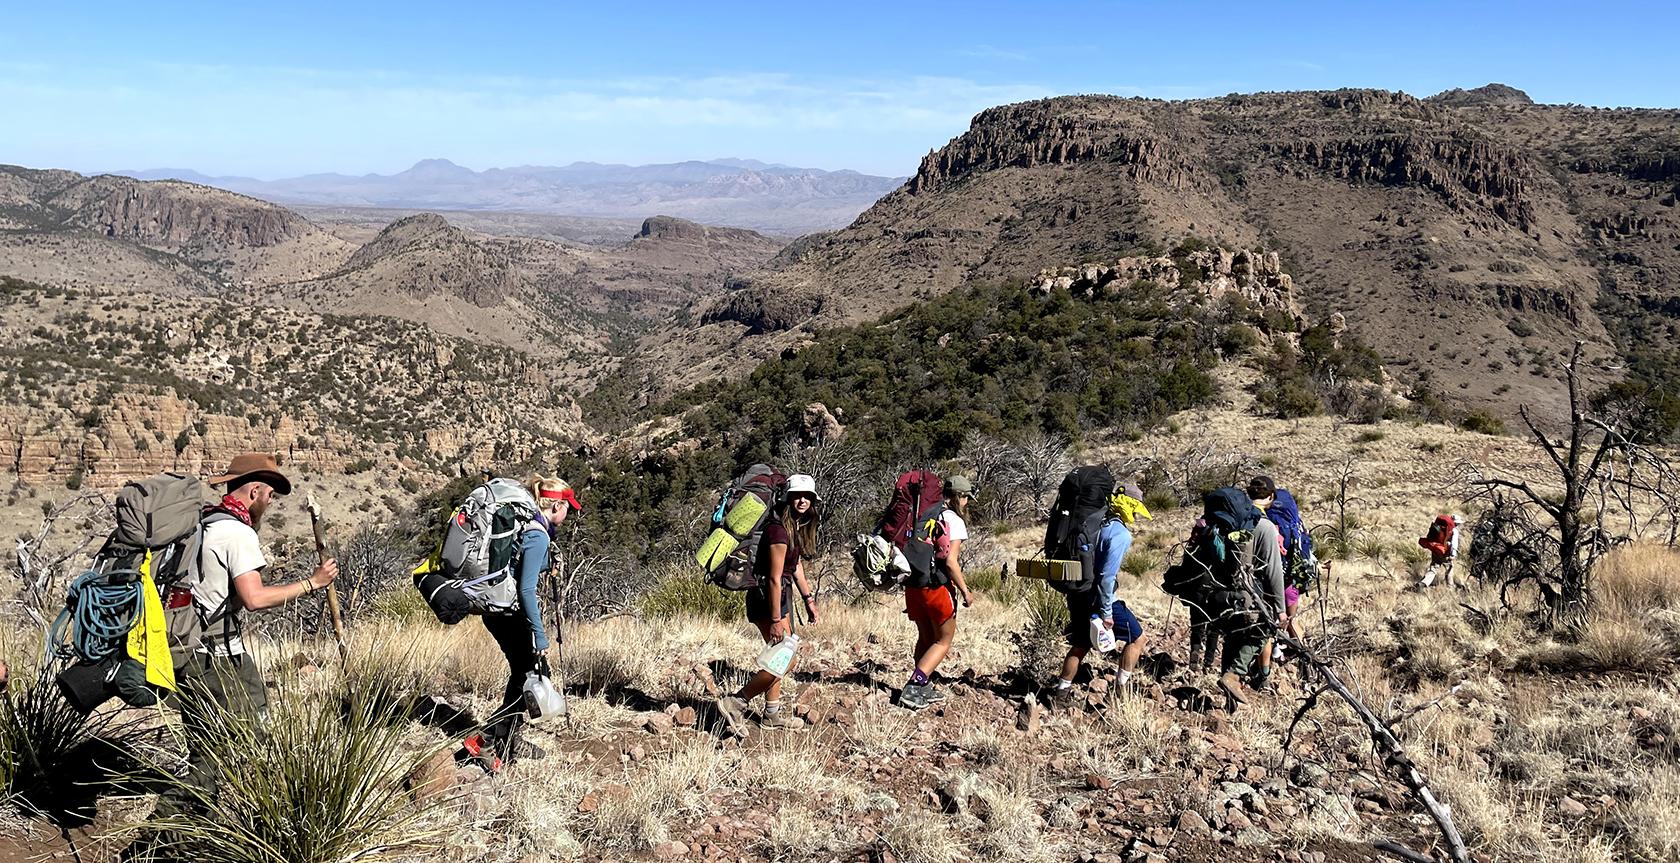 Students backpacking in Utah